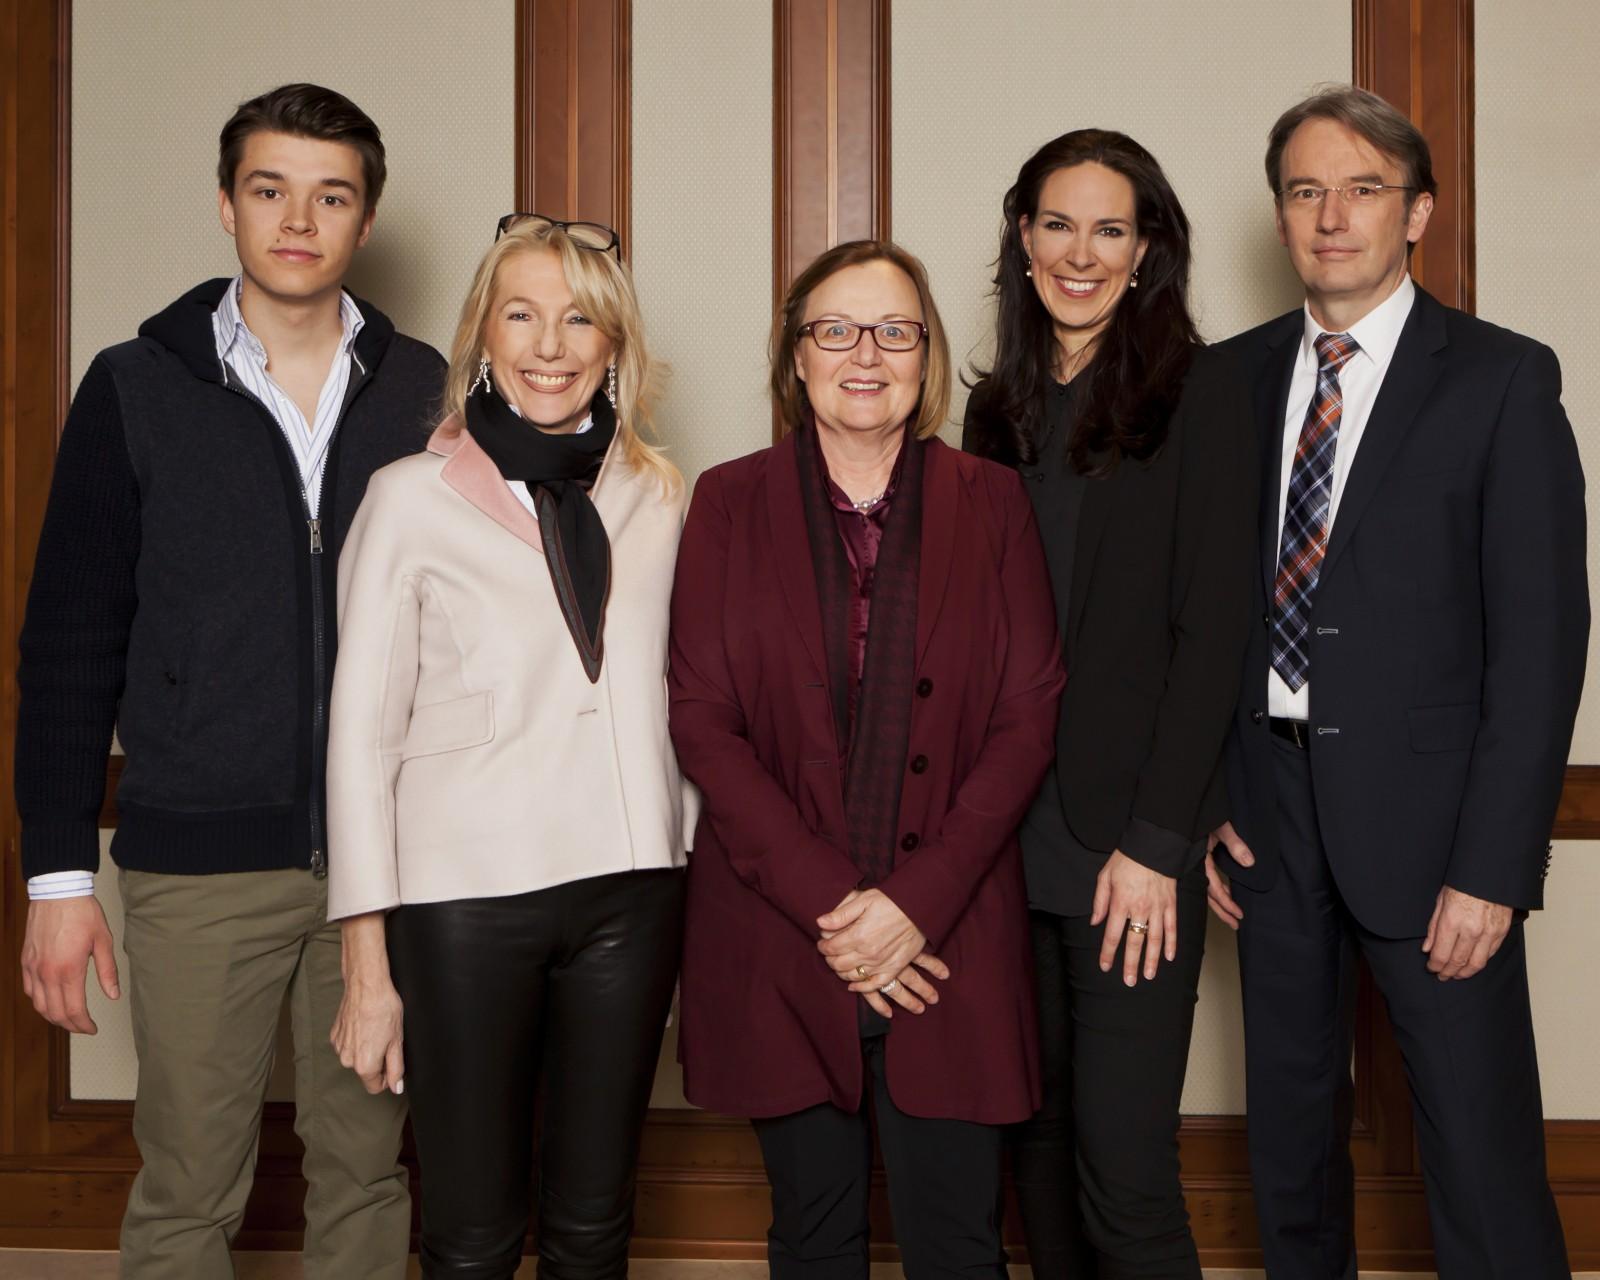 Philipp Riederle, Waltraut von Mengden, Helena Bommersheim, Anina Veigel und Martin Kunz